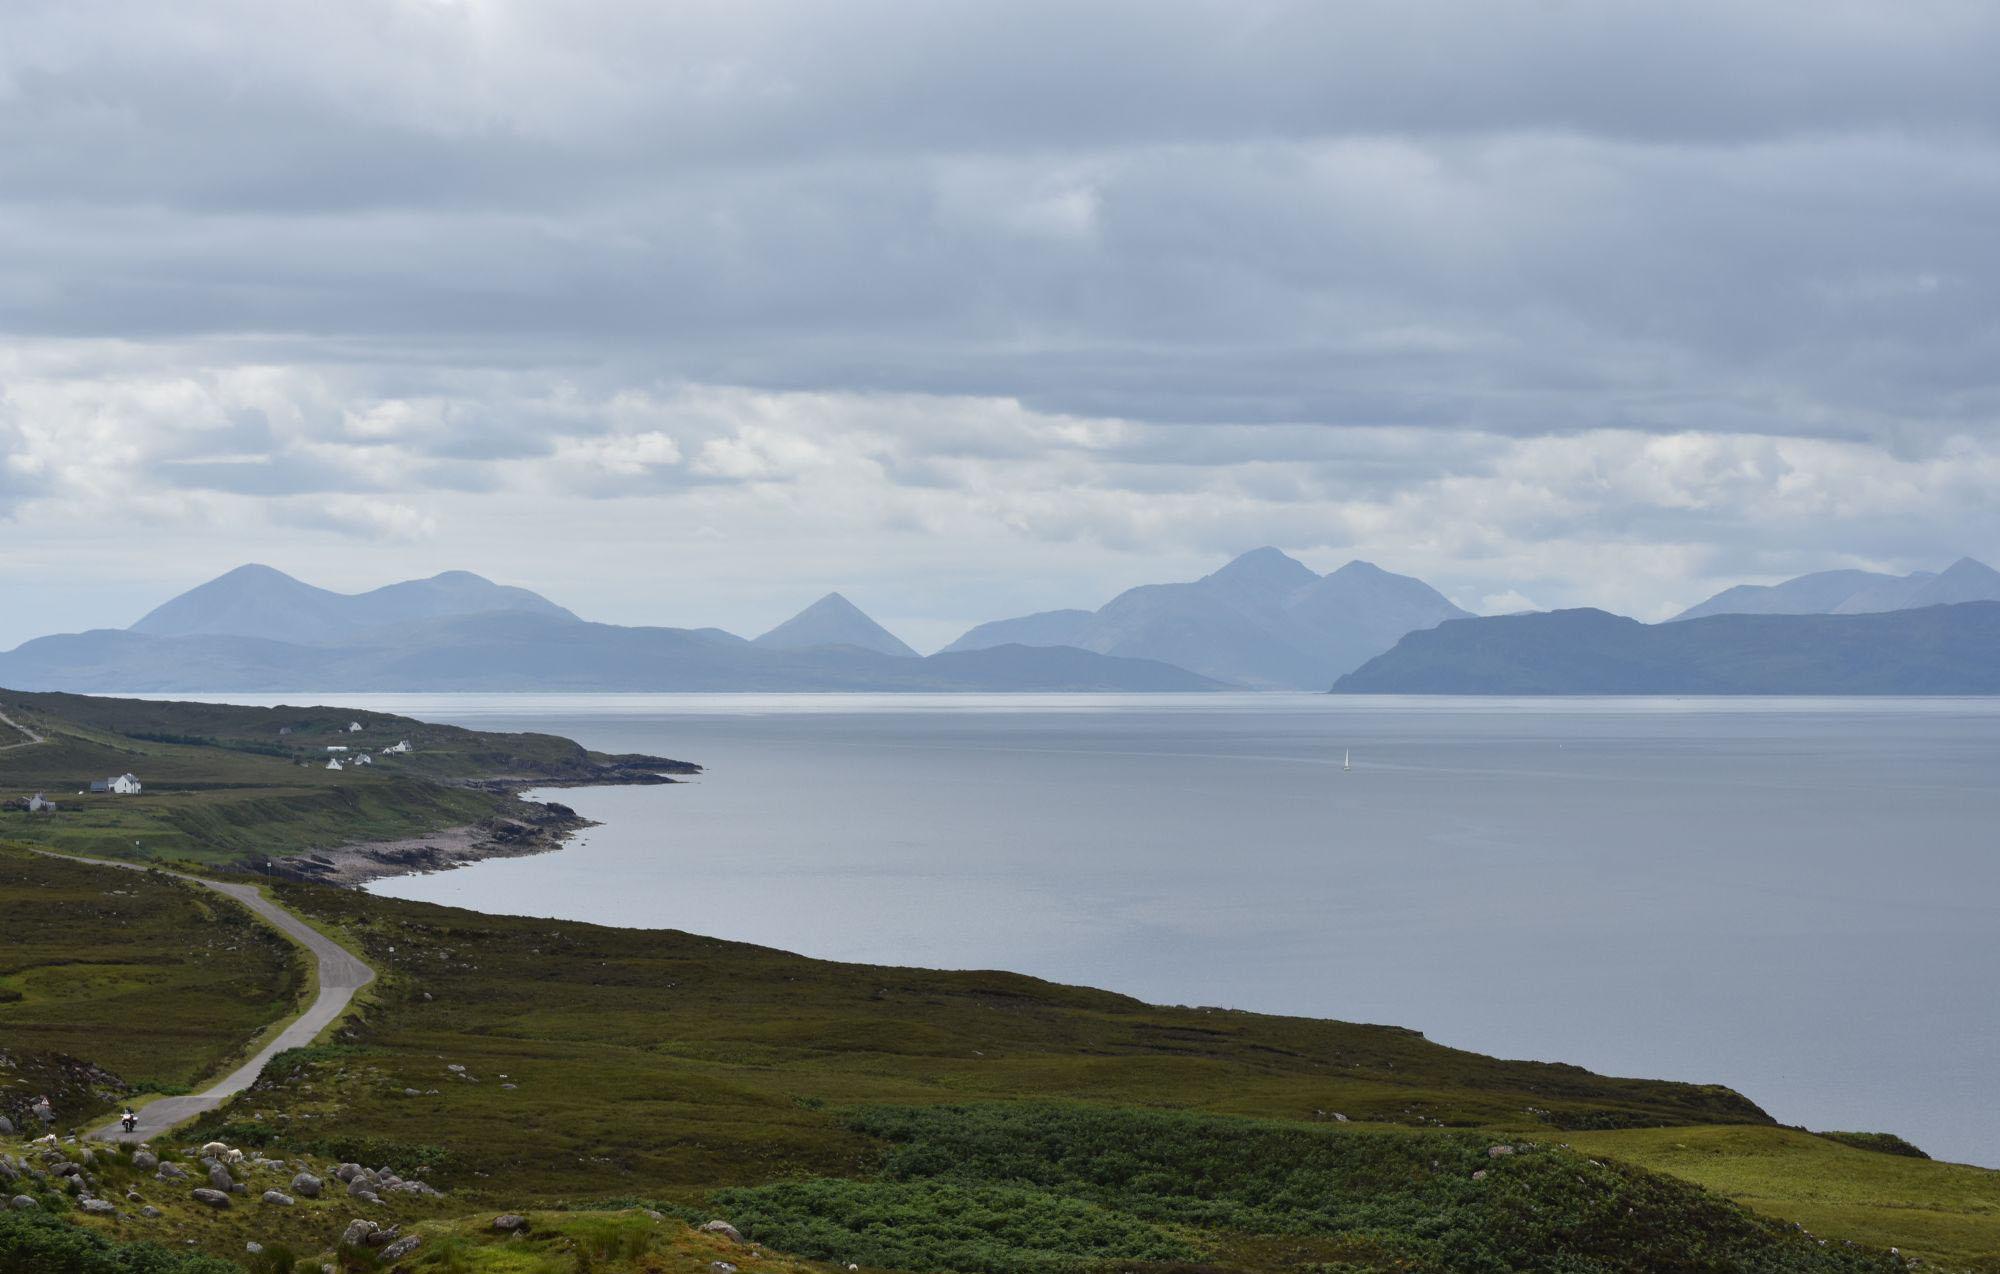 Isle of Skye on the horizon